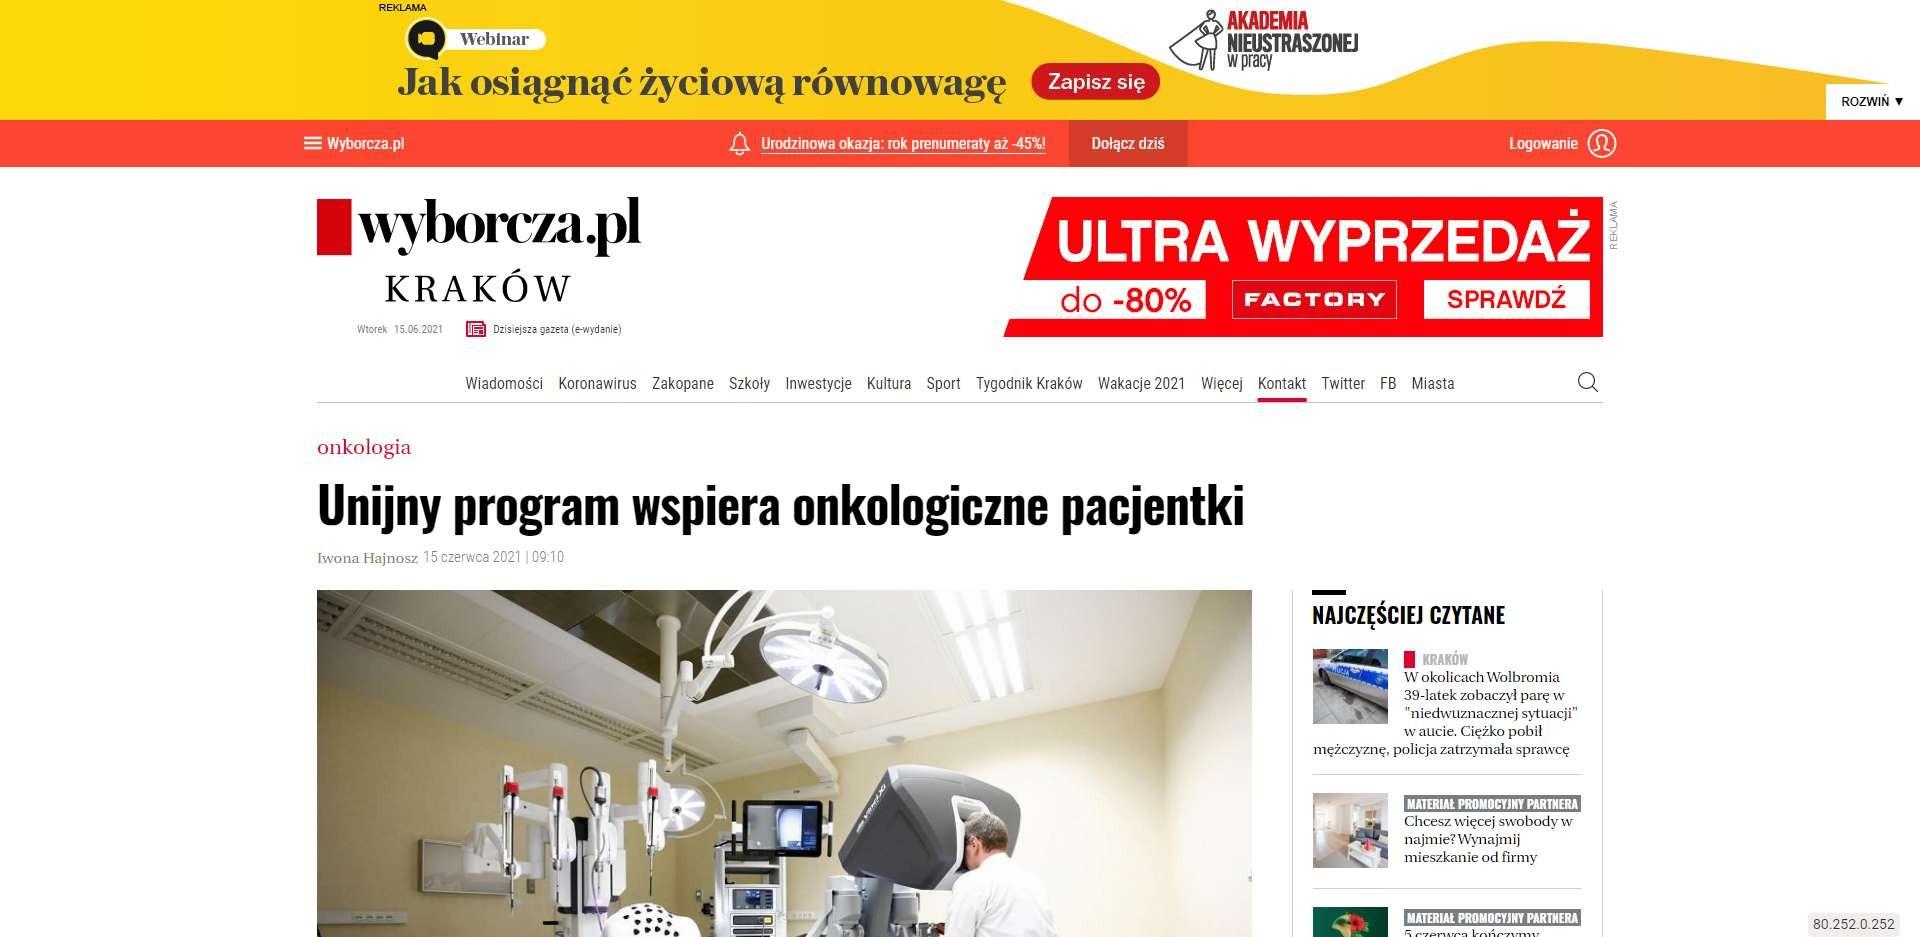 unijny program wspiera onkologiczne pacjentki